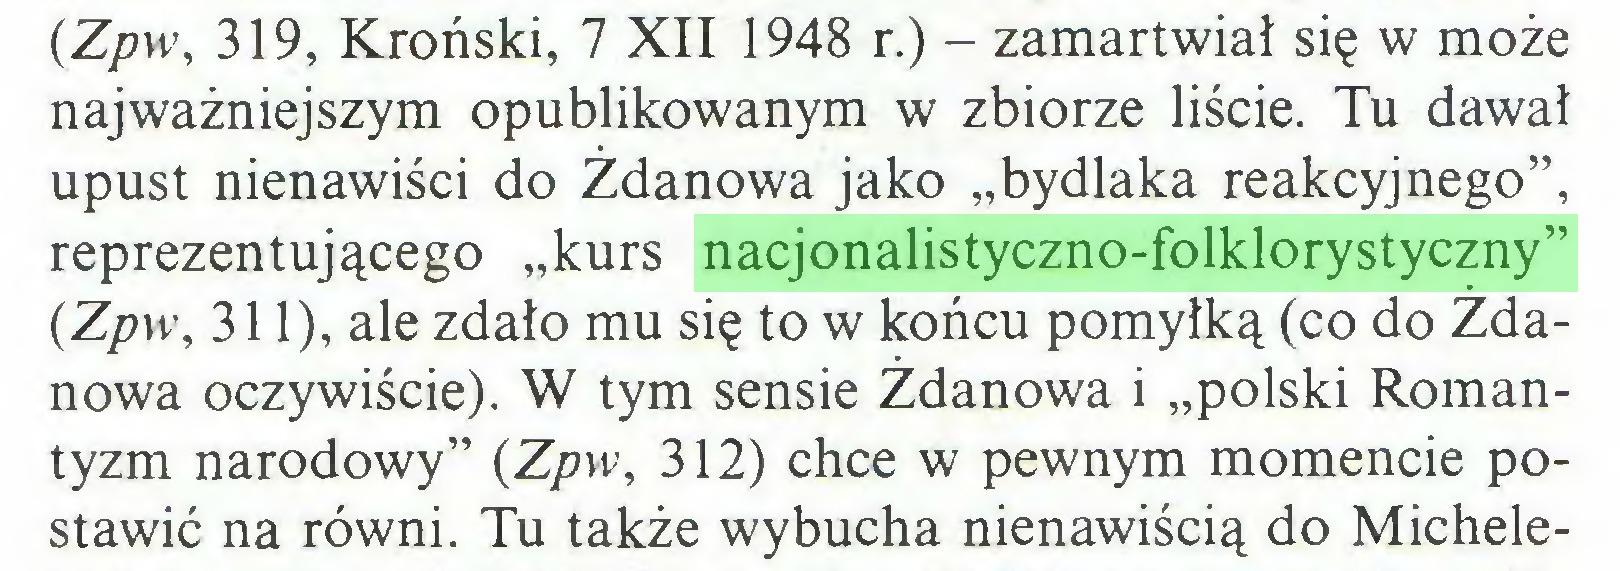 """(...) (Zpw, 319, Kroński, 7 XII 1948 r.) - zamartwiał się w może najważniejszym opublikowanym w zbiorze liście. Tu dawał upust nienawiści do Żdanowa jako """"bydlaka reakcyjnego"""", reprezentującego """"kurs nacjonalistyczno-folklorystyczny"""" (Zpw, 311), ale zdało mu się to w końcu pomyłką (co do Zdanowa oczywiście). W tym sensie Żdanowa i """"polski Romantyzm narodowy"""" (Zpw, 312) chce w pewnym momencie postawić na równi. Tu także wybucha nienawiścią do Michele..."""